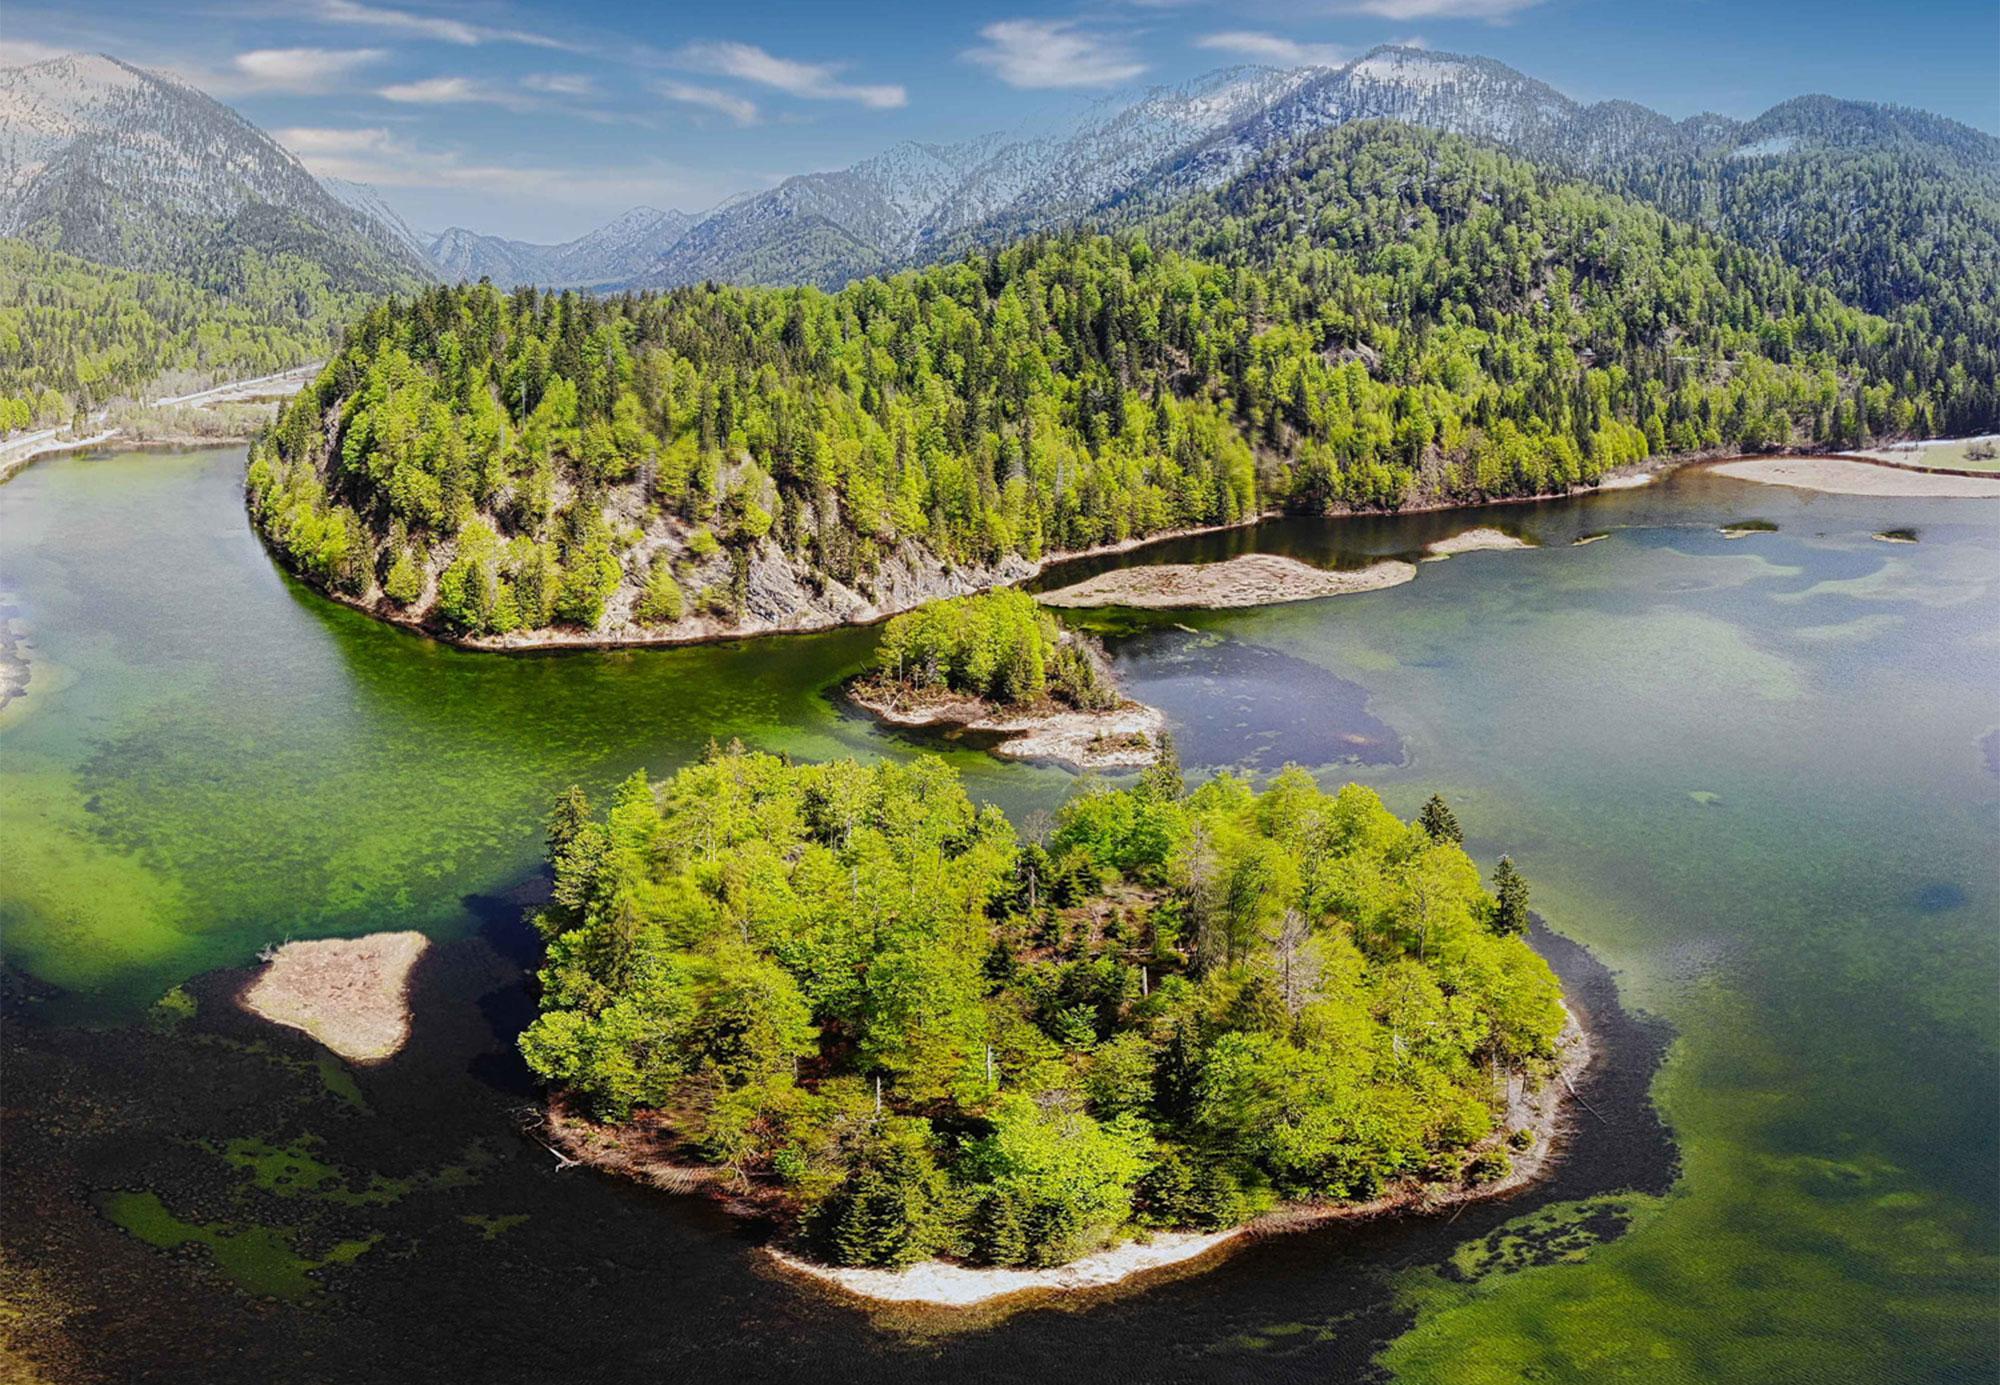 Neben Meeresinseln gibt es in Deutschland auch unzählige Inseln in Flüssen und Seen wie hier die Inseln im Weitsee